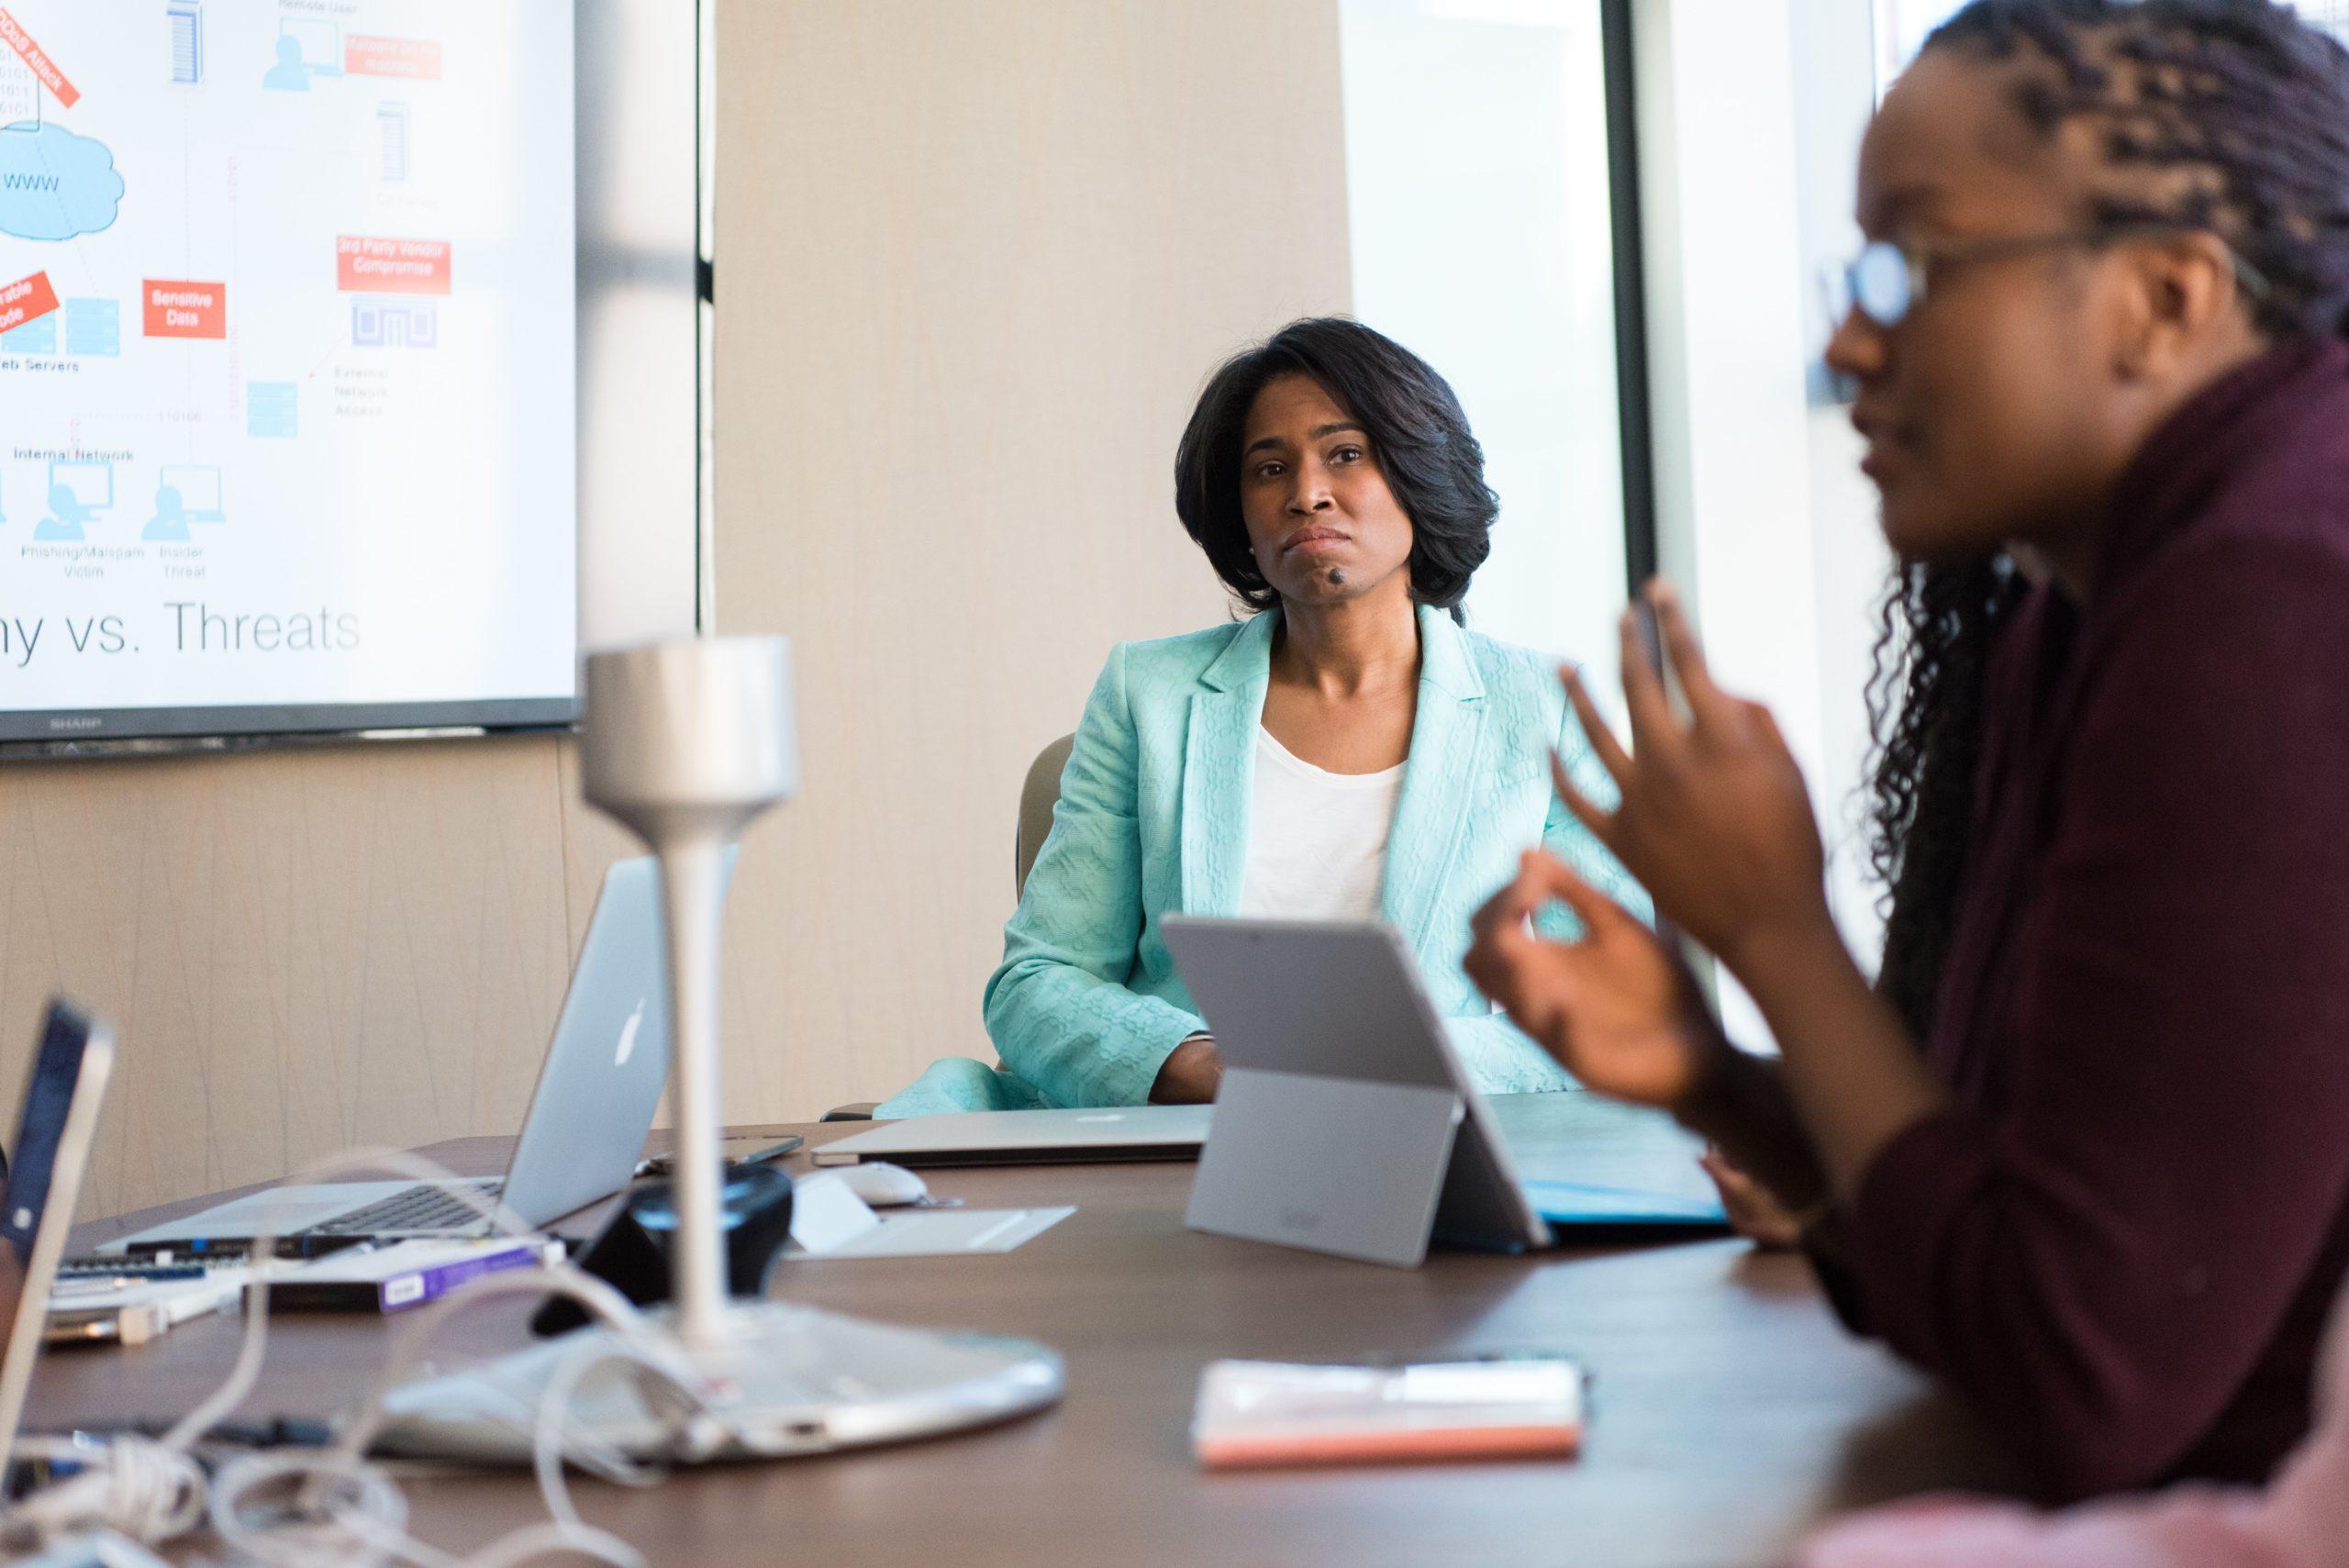 前の職種に戻ることを考え、転職しようか悩む女性